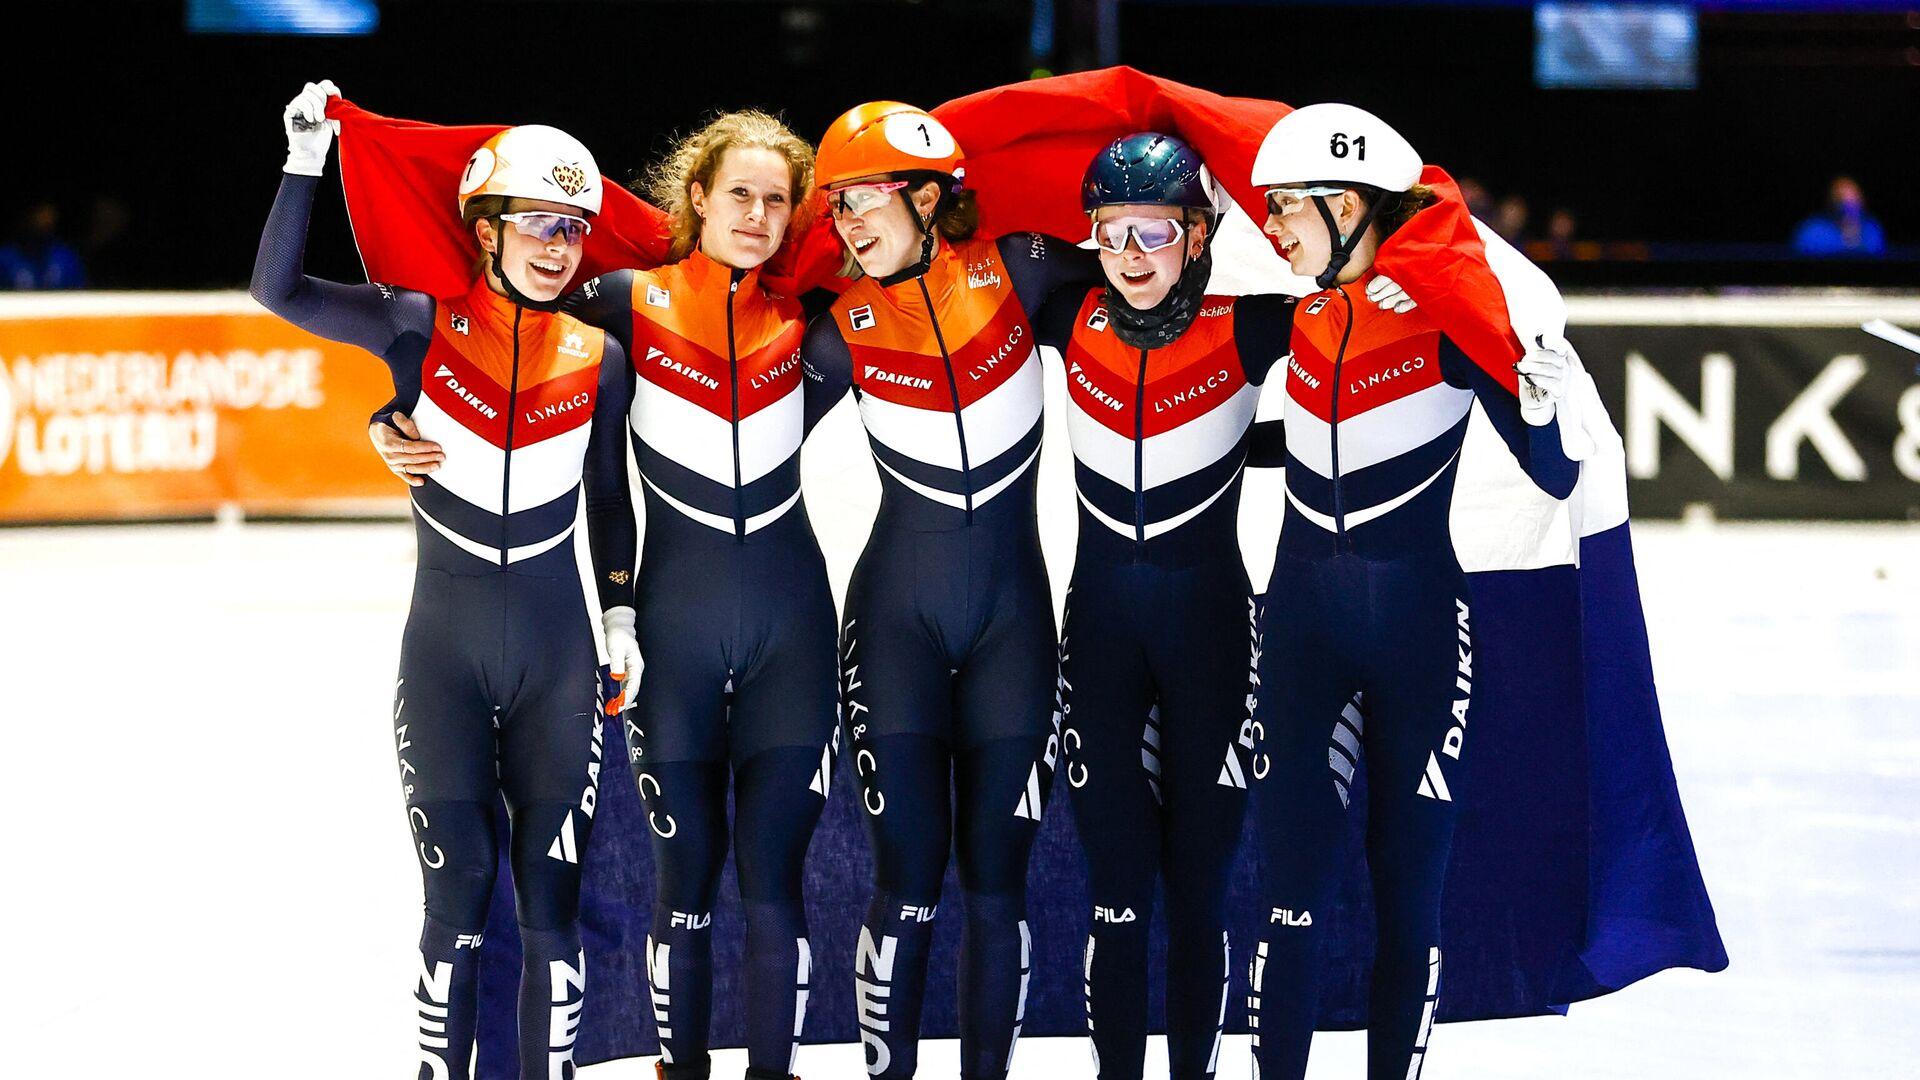 Женская сборная Голландии по шорт-треку - РИА Новости, 1920, 07.03.2021